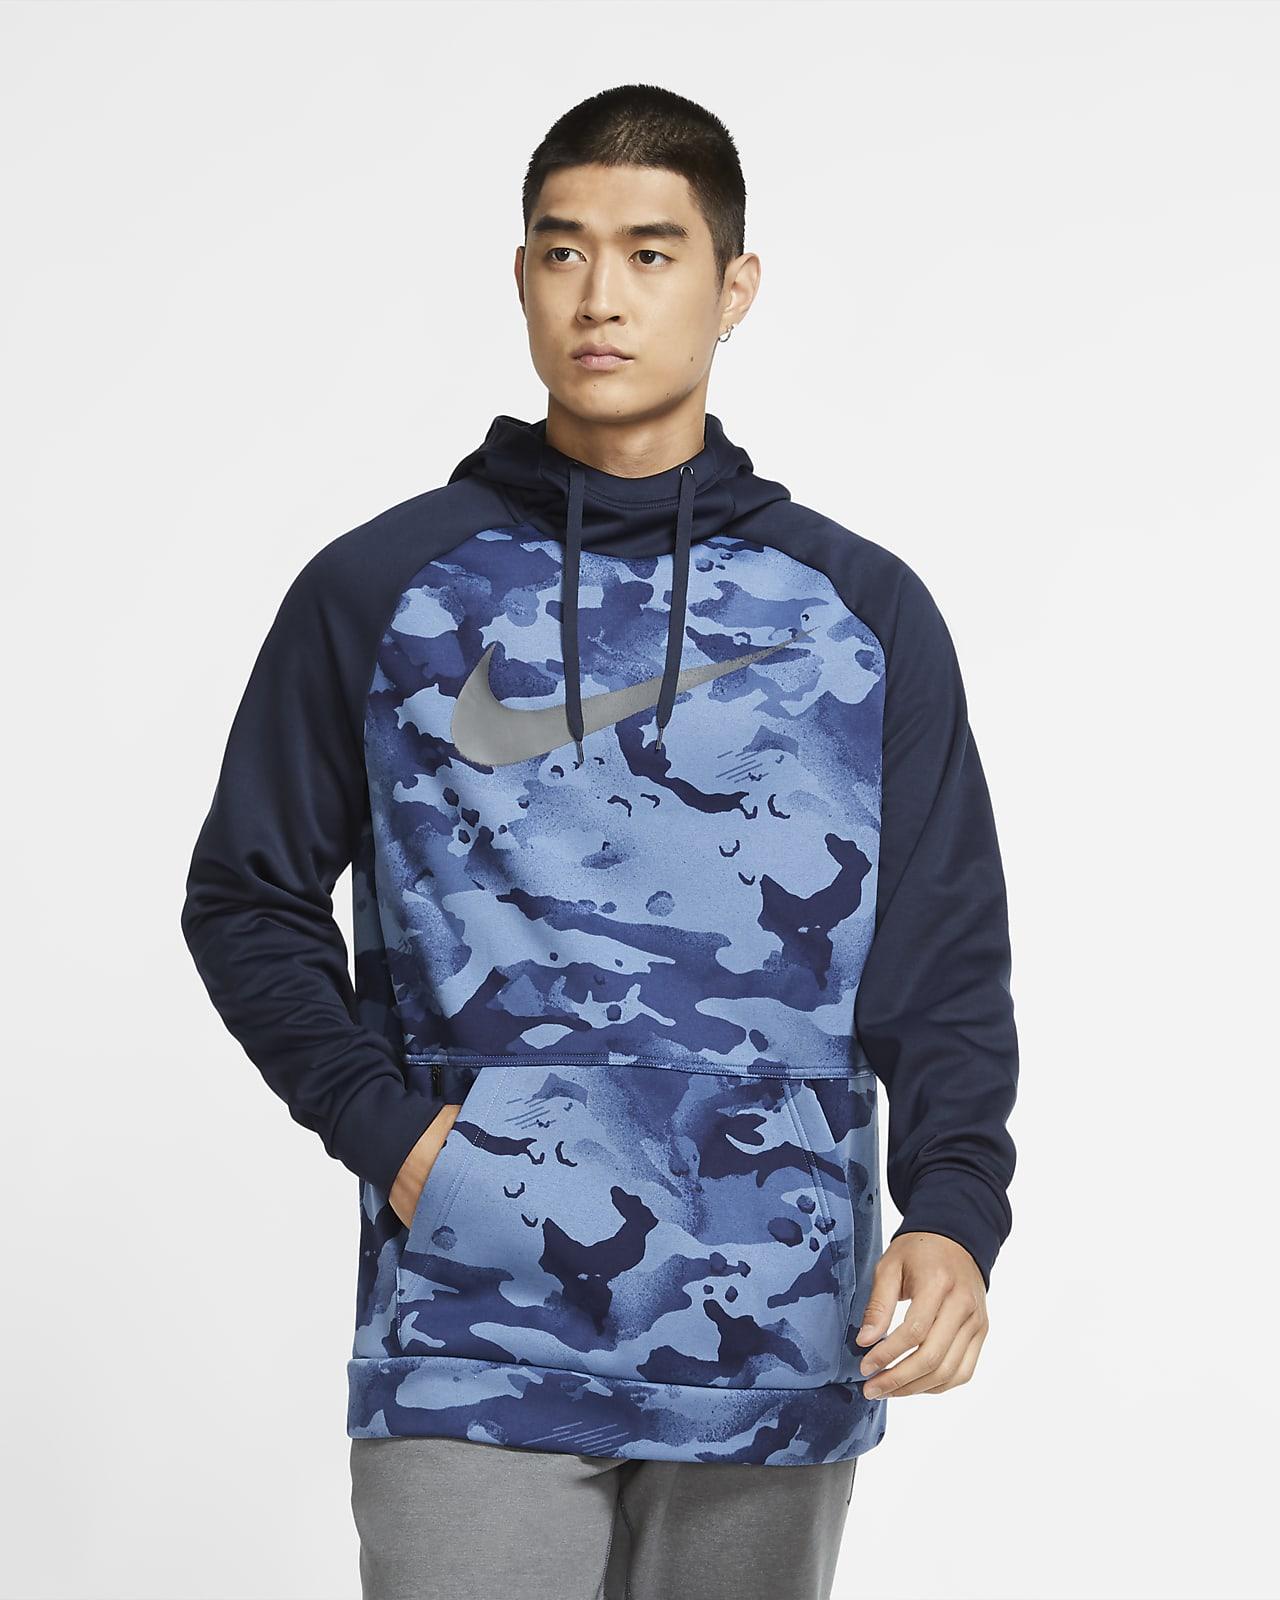 Sudadera con capucha sin cierre de entrenamiento de camuflado para hombre Nike Therma